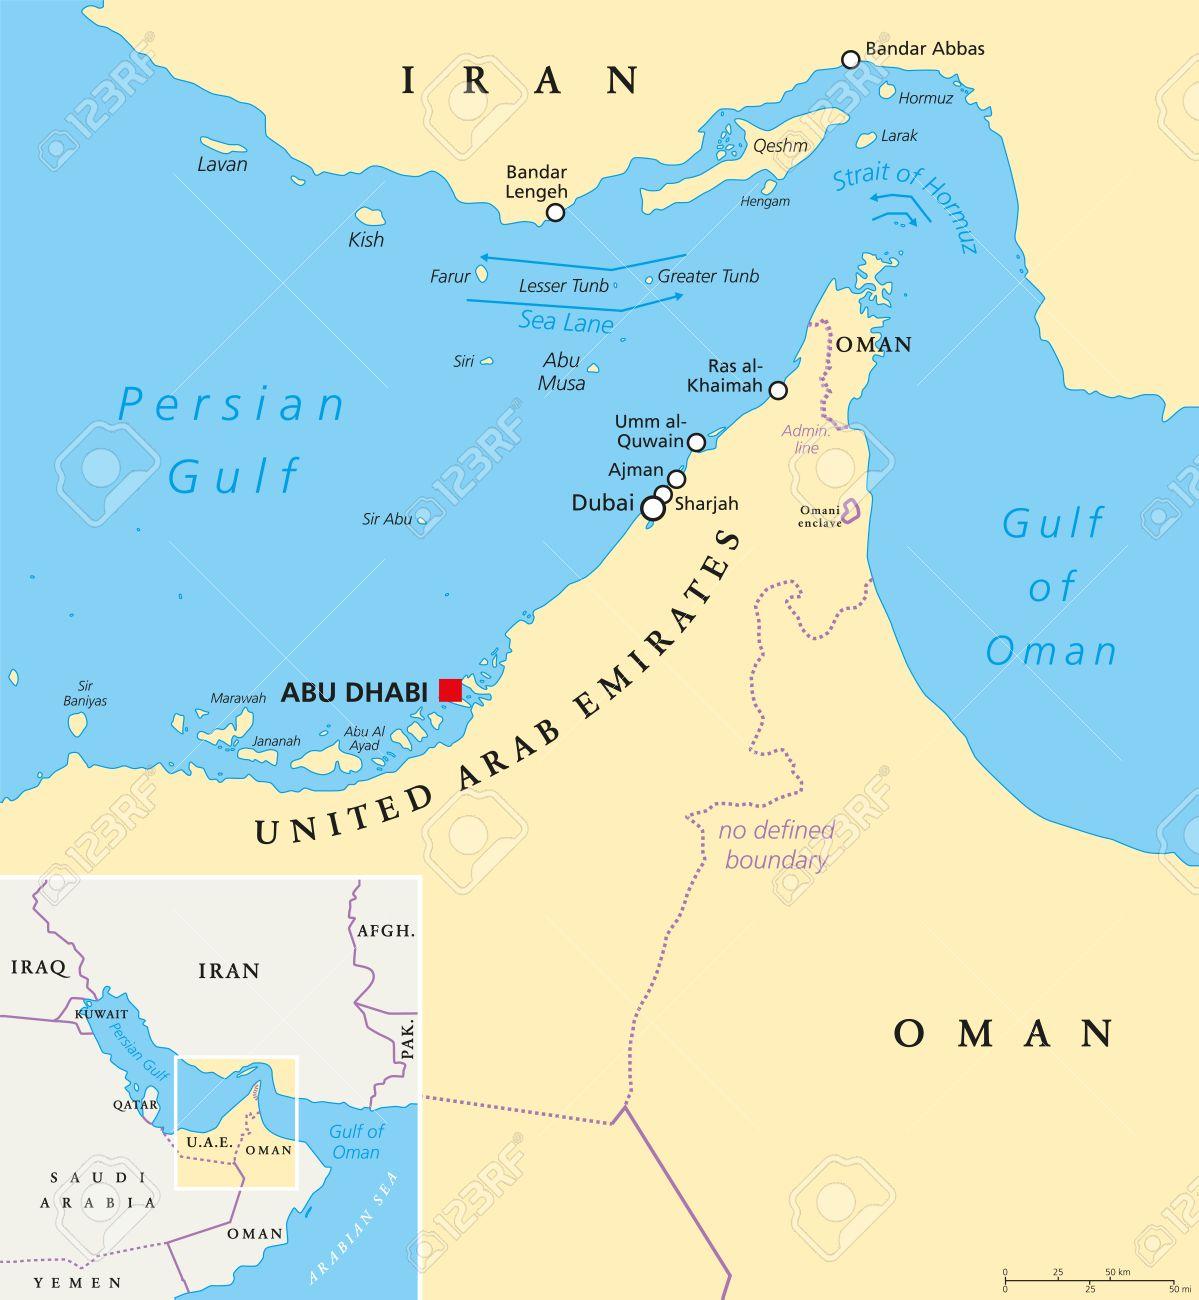 Estrecho De Ormuz Mapa.Estrecho De Ormuz Abu Musa Y El Mapa Politico Tunbs Solo El Paso Del Mar Desde El Golfo Persico Hasta El Mar Arabigo Uno De Los Puntos De